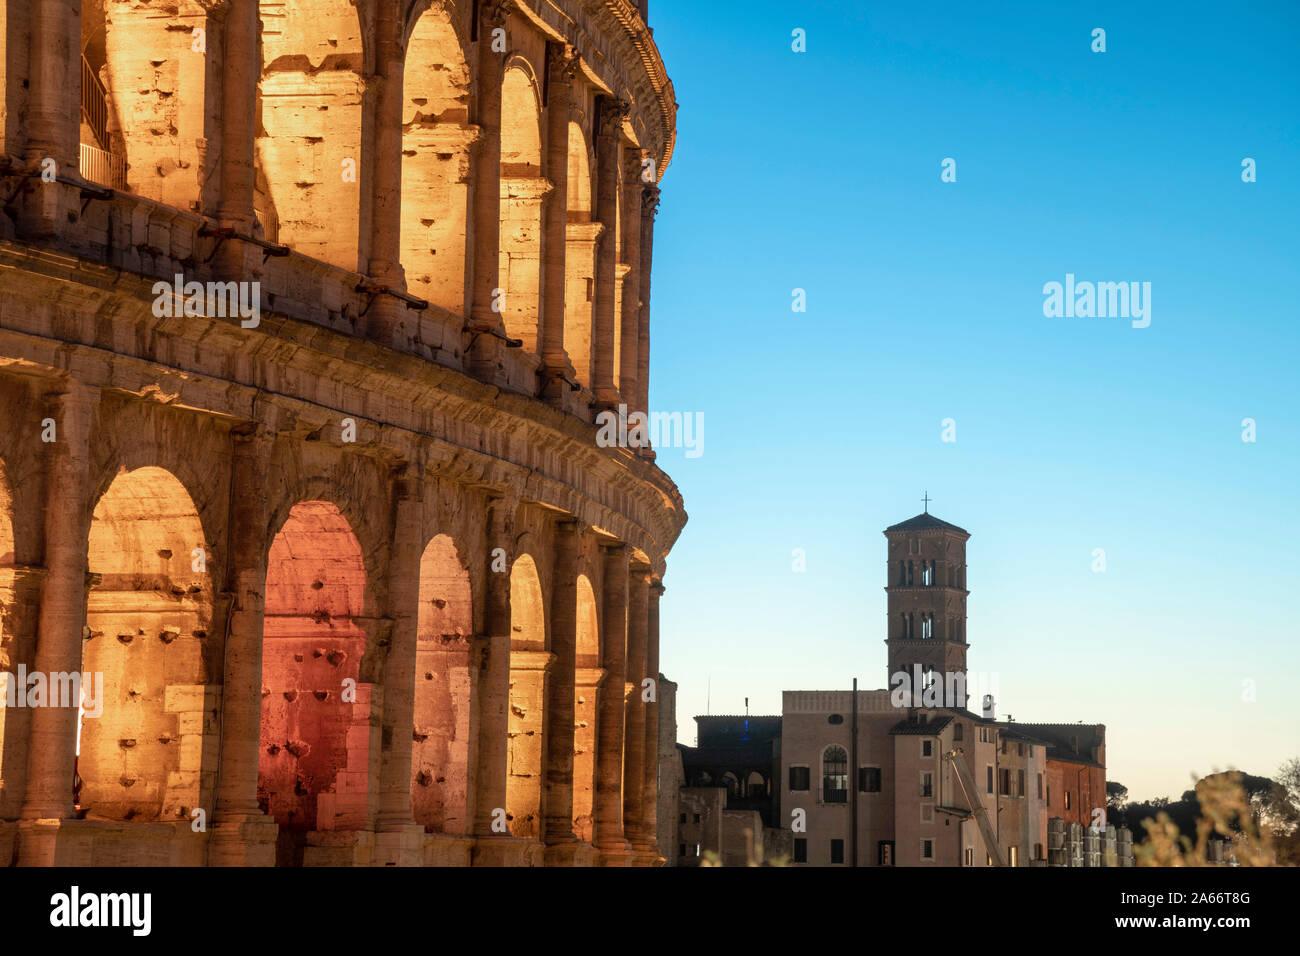 Italy, Lazio, Rome, Colosseum Stock Photo